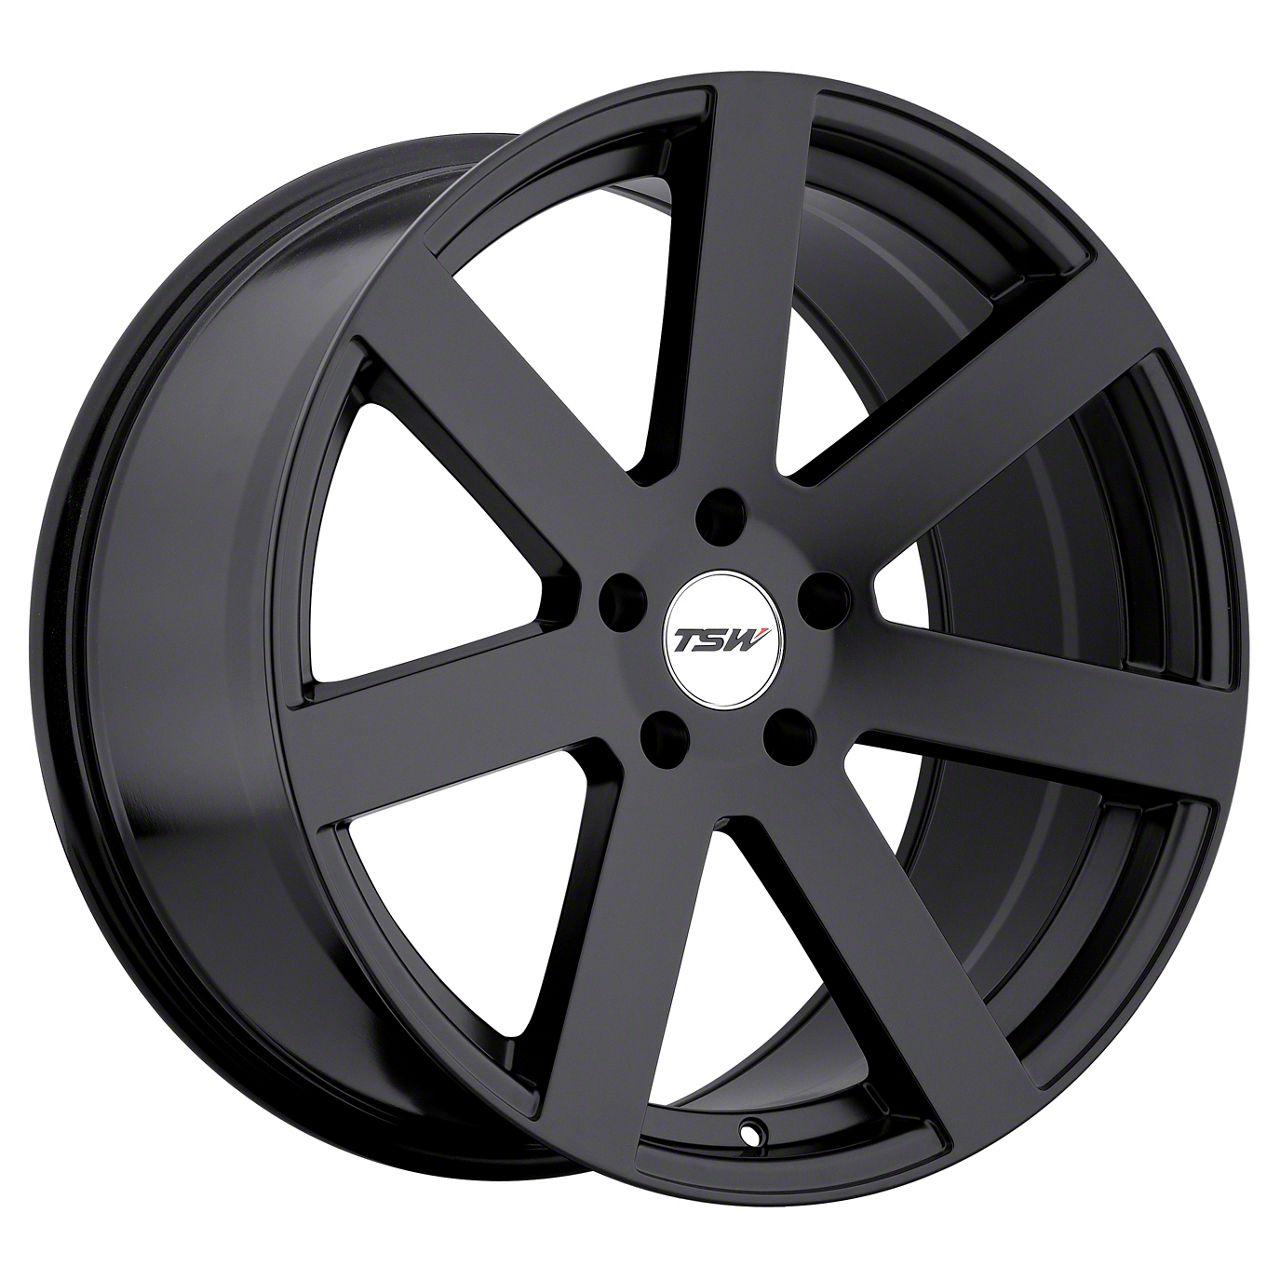 TSW Bardo Matte Black Wheel - 20x10 - Rear Only (15-19 GT, EcoBoost, V6)